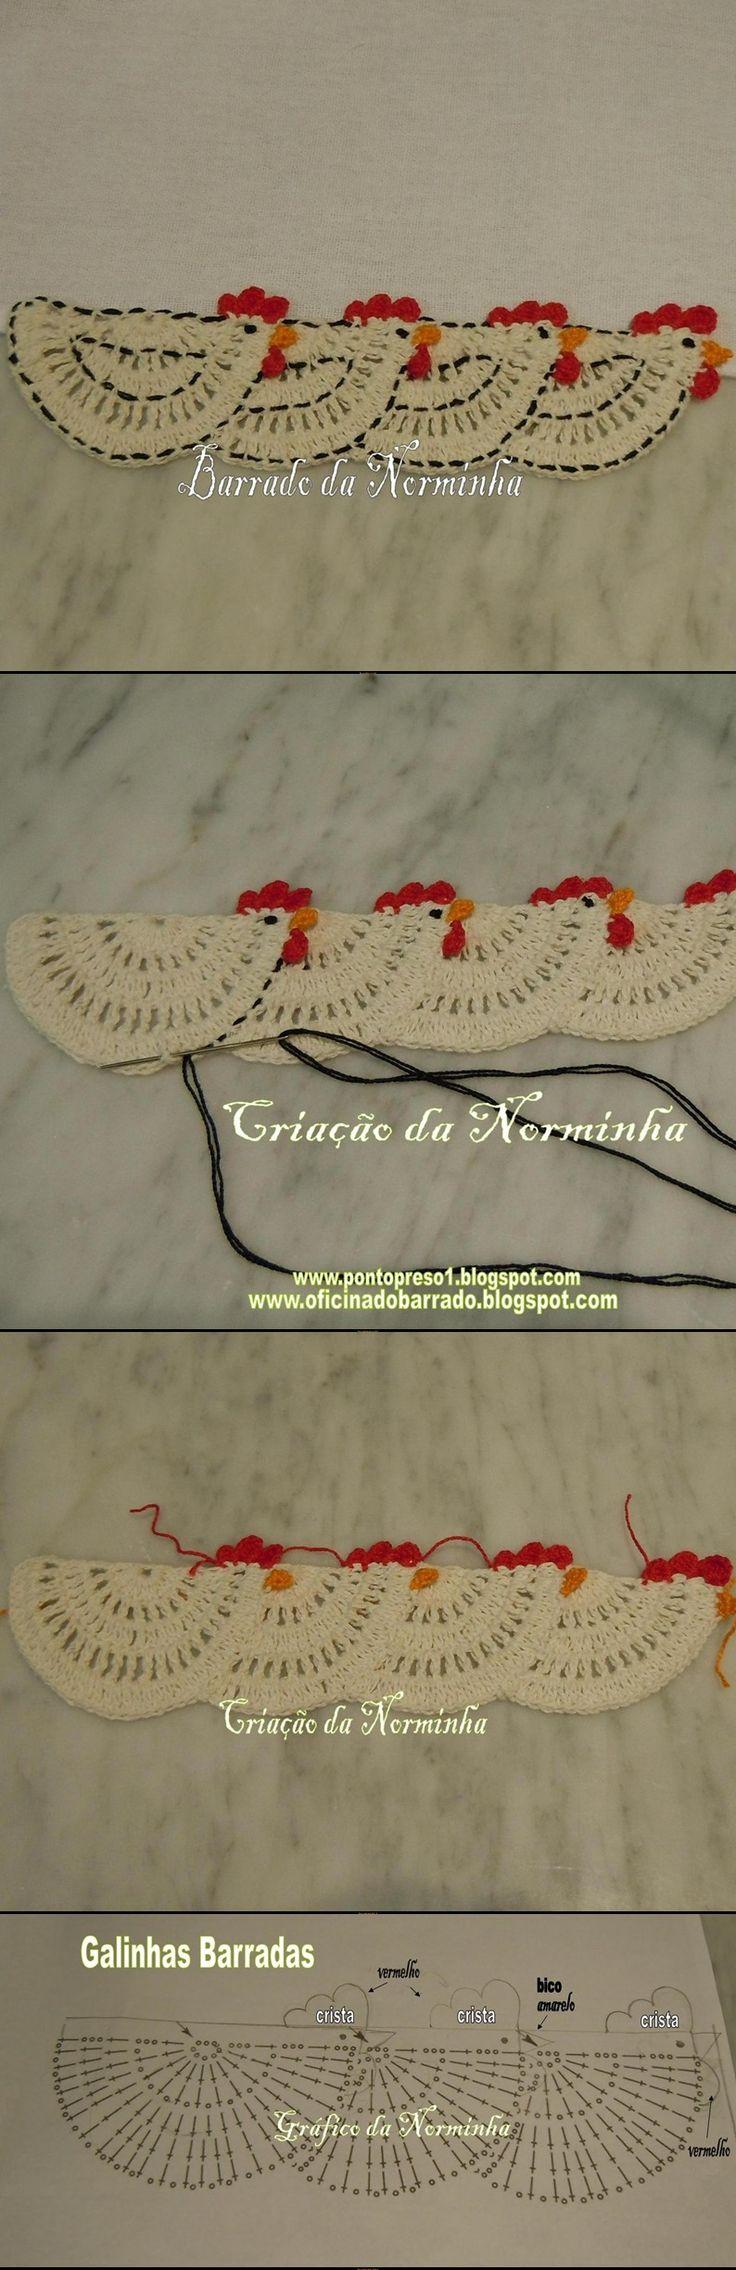 3 barradinha galinha crochet